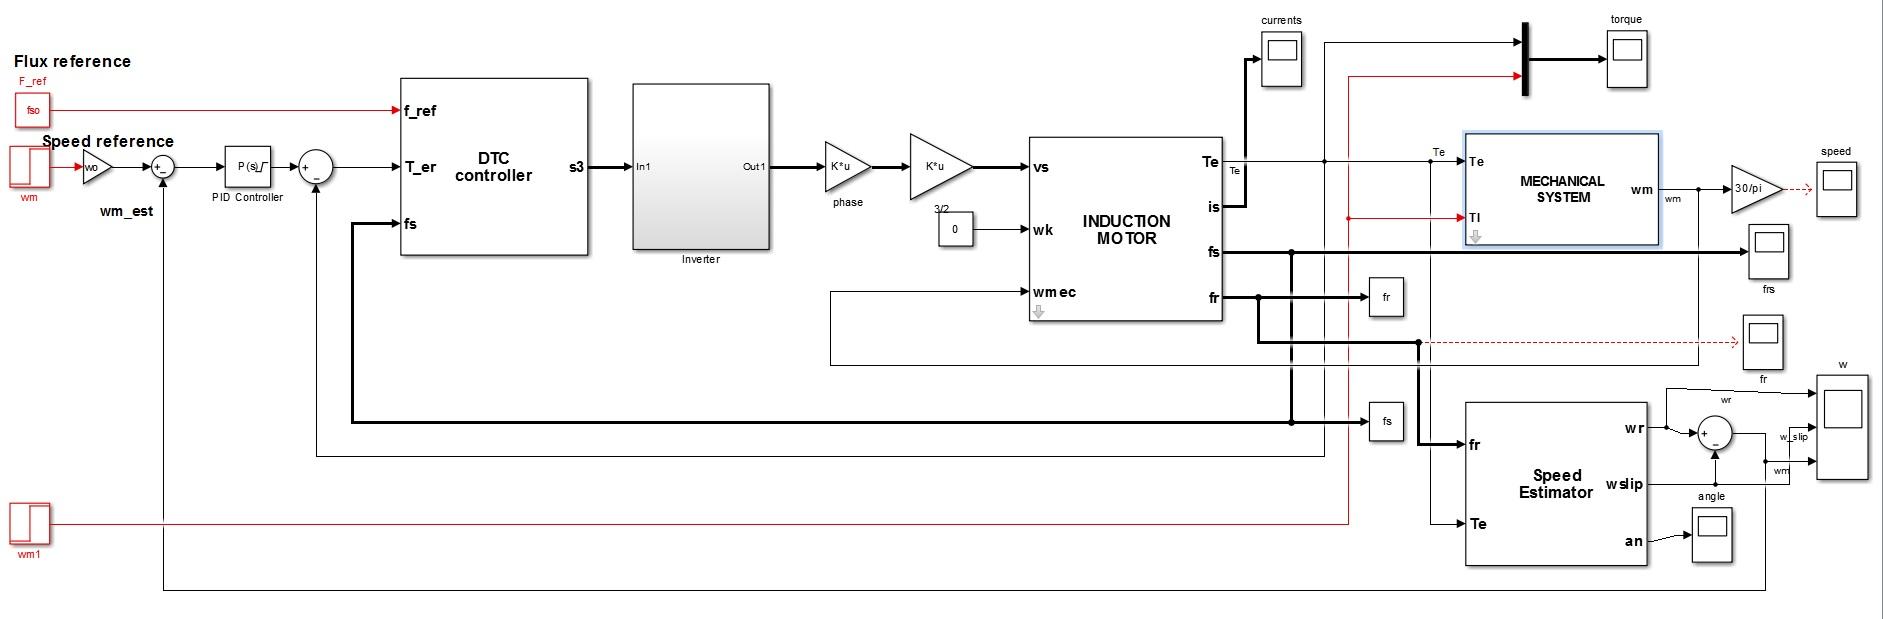 کنترل موتور القایی به روش کنترل گشتاور مستقیم DTC5